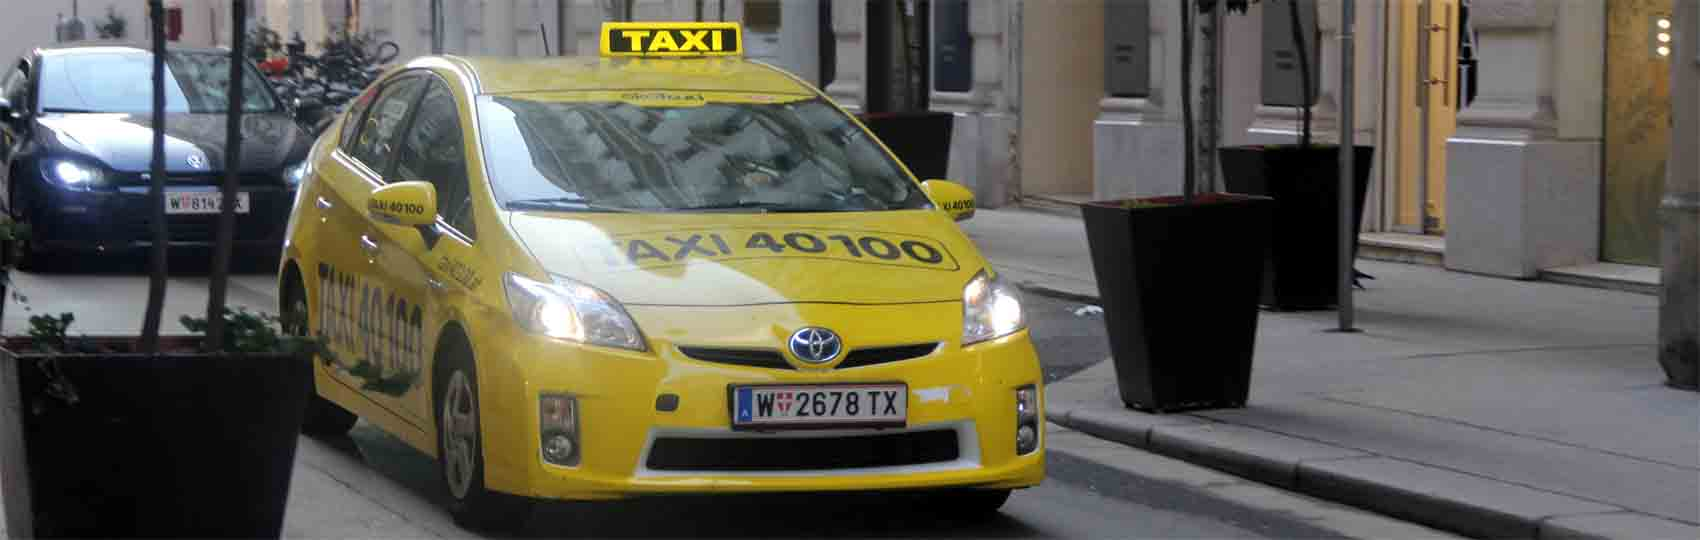 Noticias del sector del taxi y la movilidad en Austria. Mantente informado de todas las noticias del taxi de Austria en el grupo de Facebook de Todo Taxi.